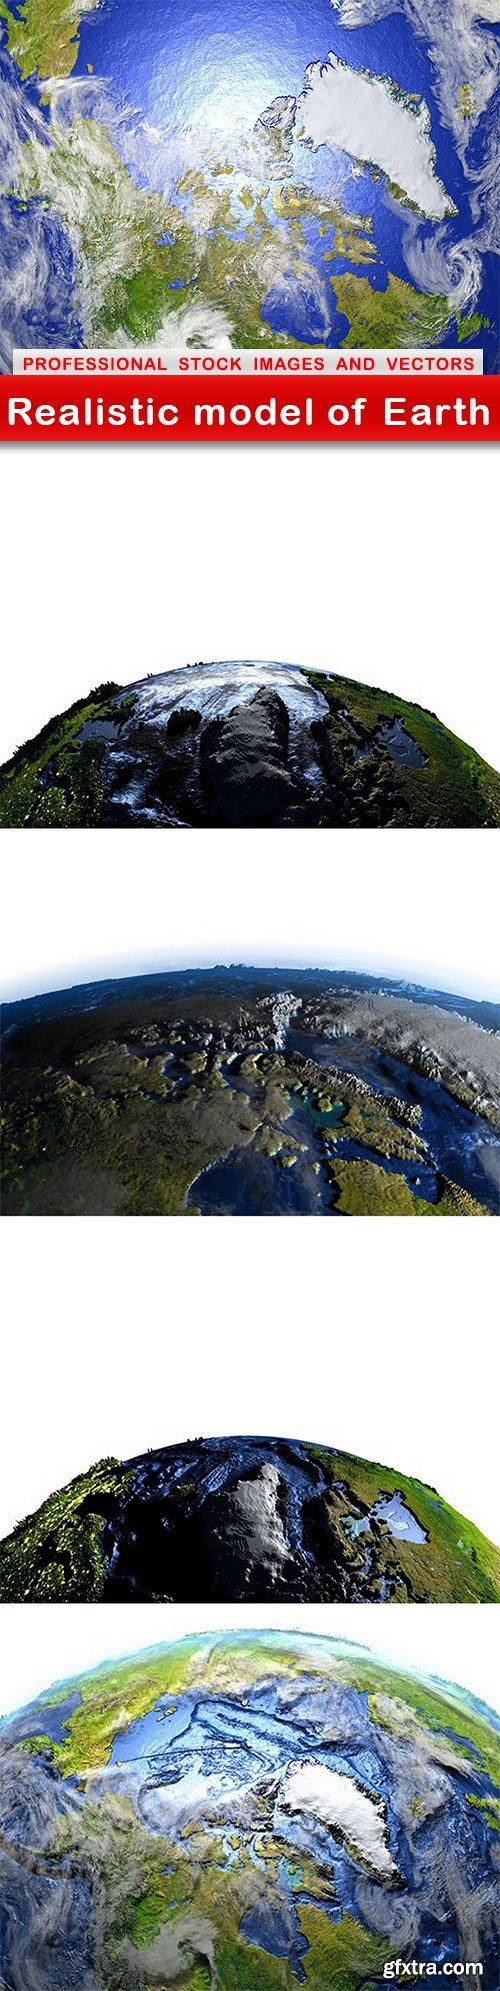 Realistic model of Earth - 5 UHQ JPEG